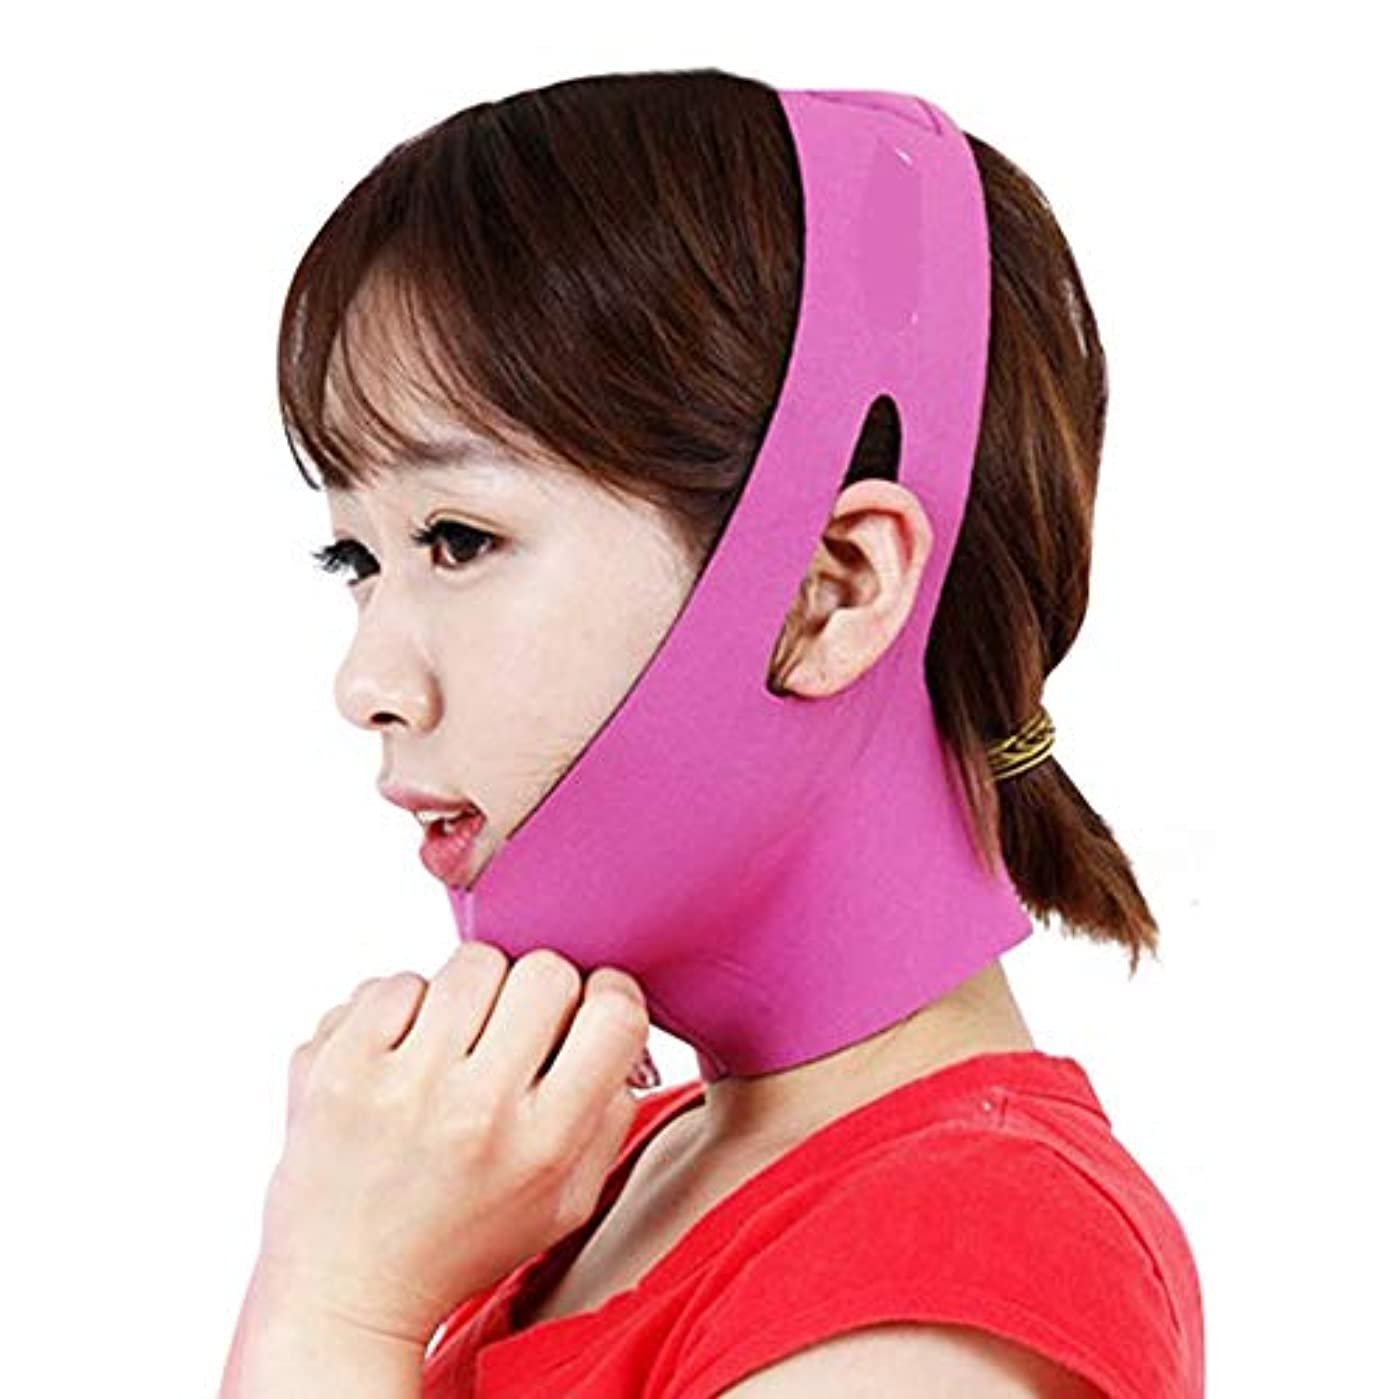 ディンカルビル保証余計なJia Jia- フェイシャルリフティング痩身ベルト圧縮二重あご減量ベルトスキンケア薄い顔包帯二重あごワークアウト 顔面包帯 (色 : ピンク)